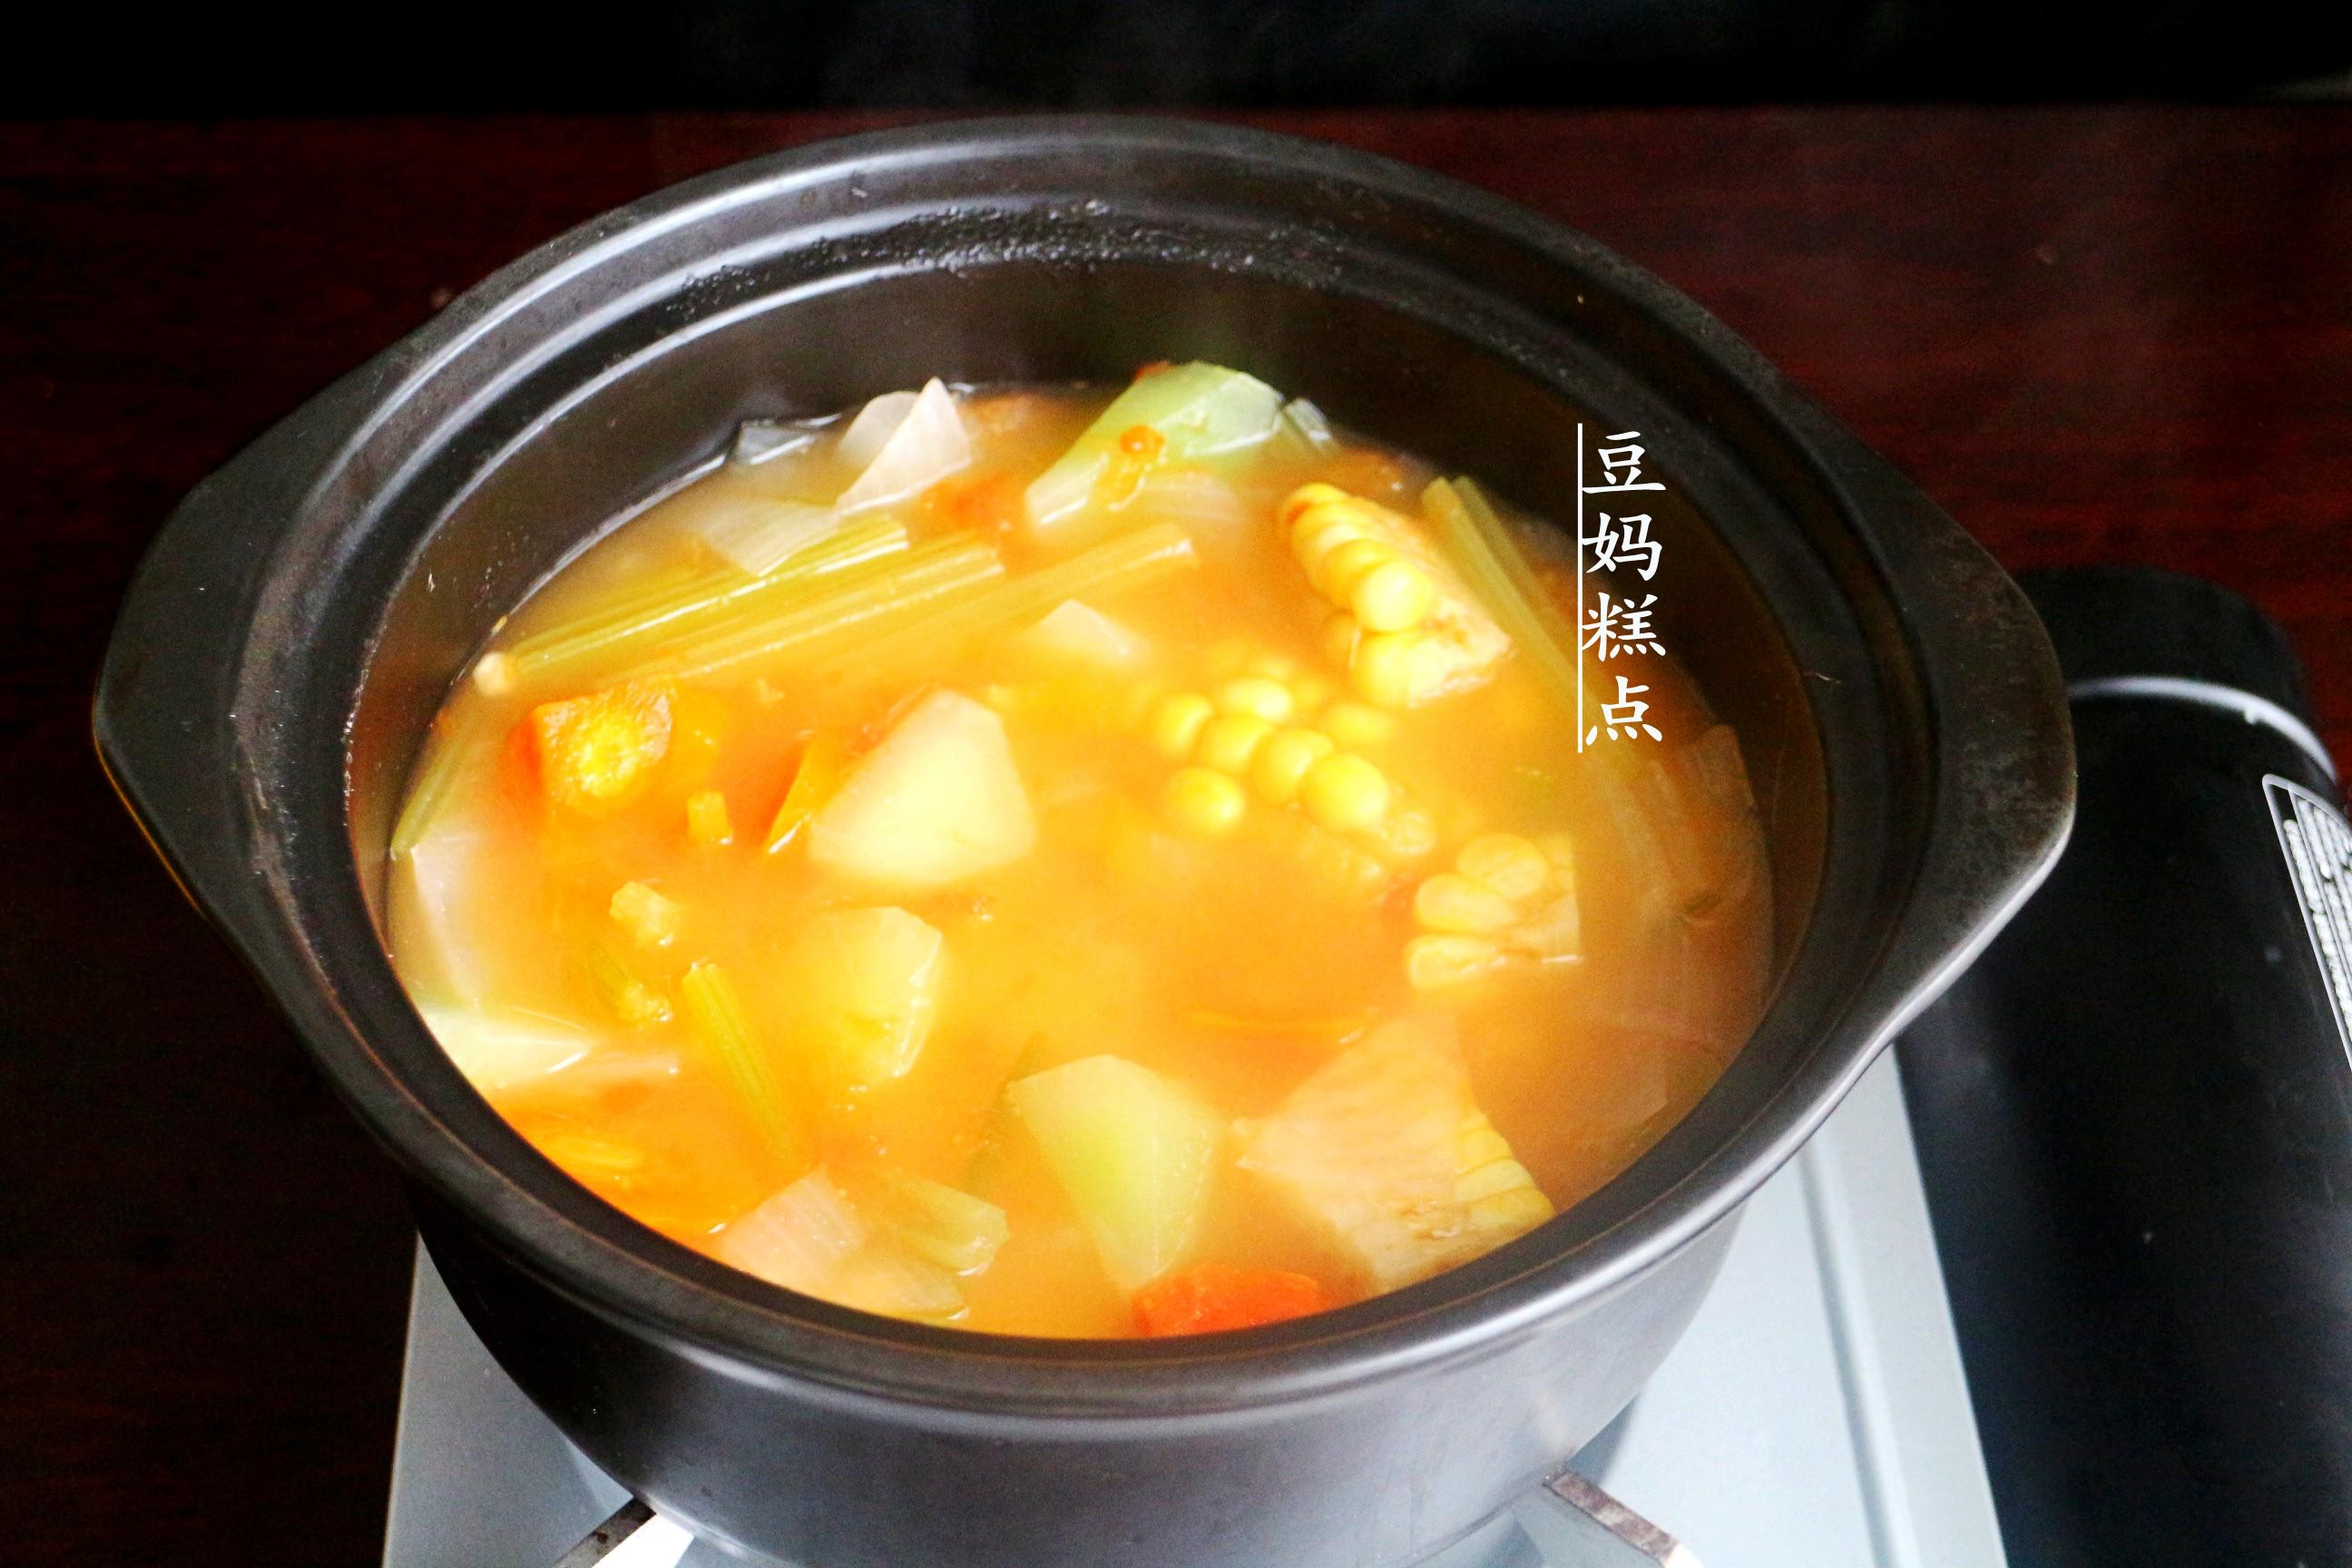 学做瘦身蔬菜汤,健康瘦身,营养不缺 减肥菜谱 第7张